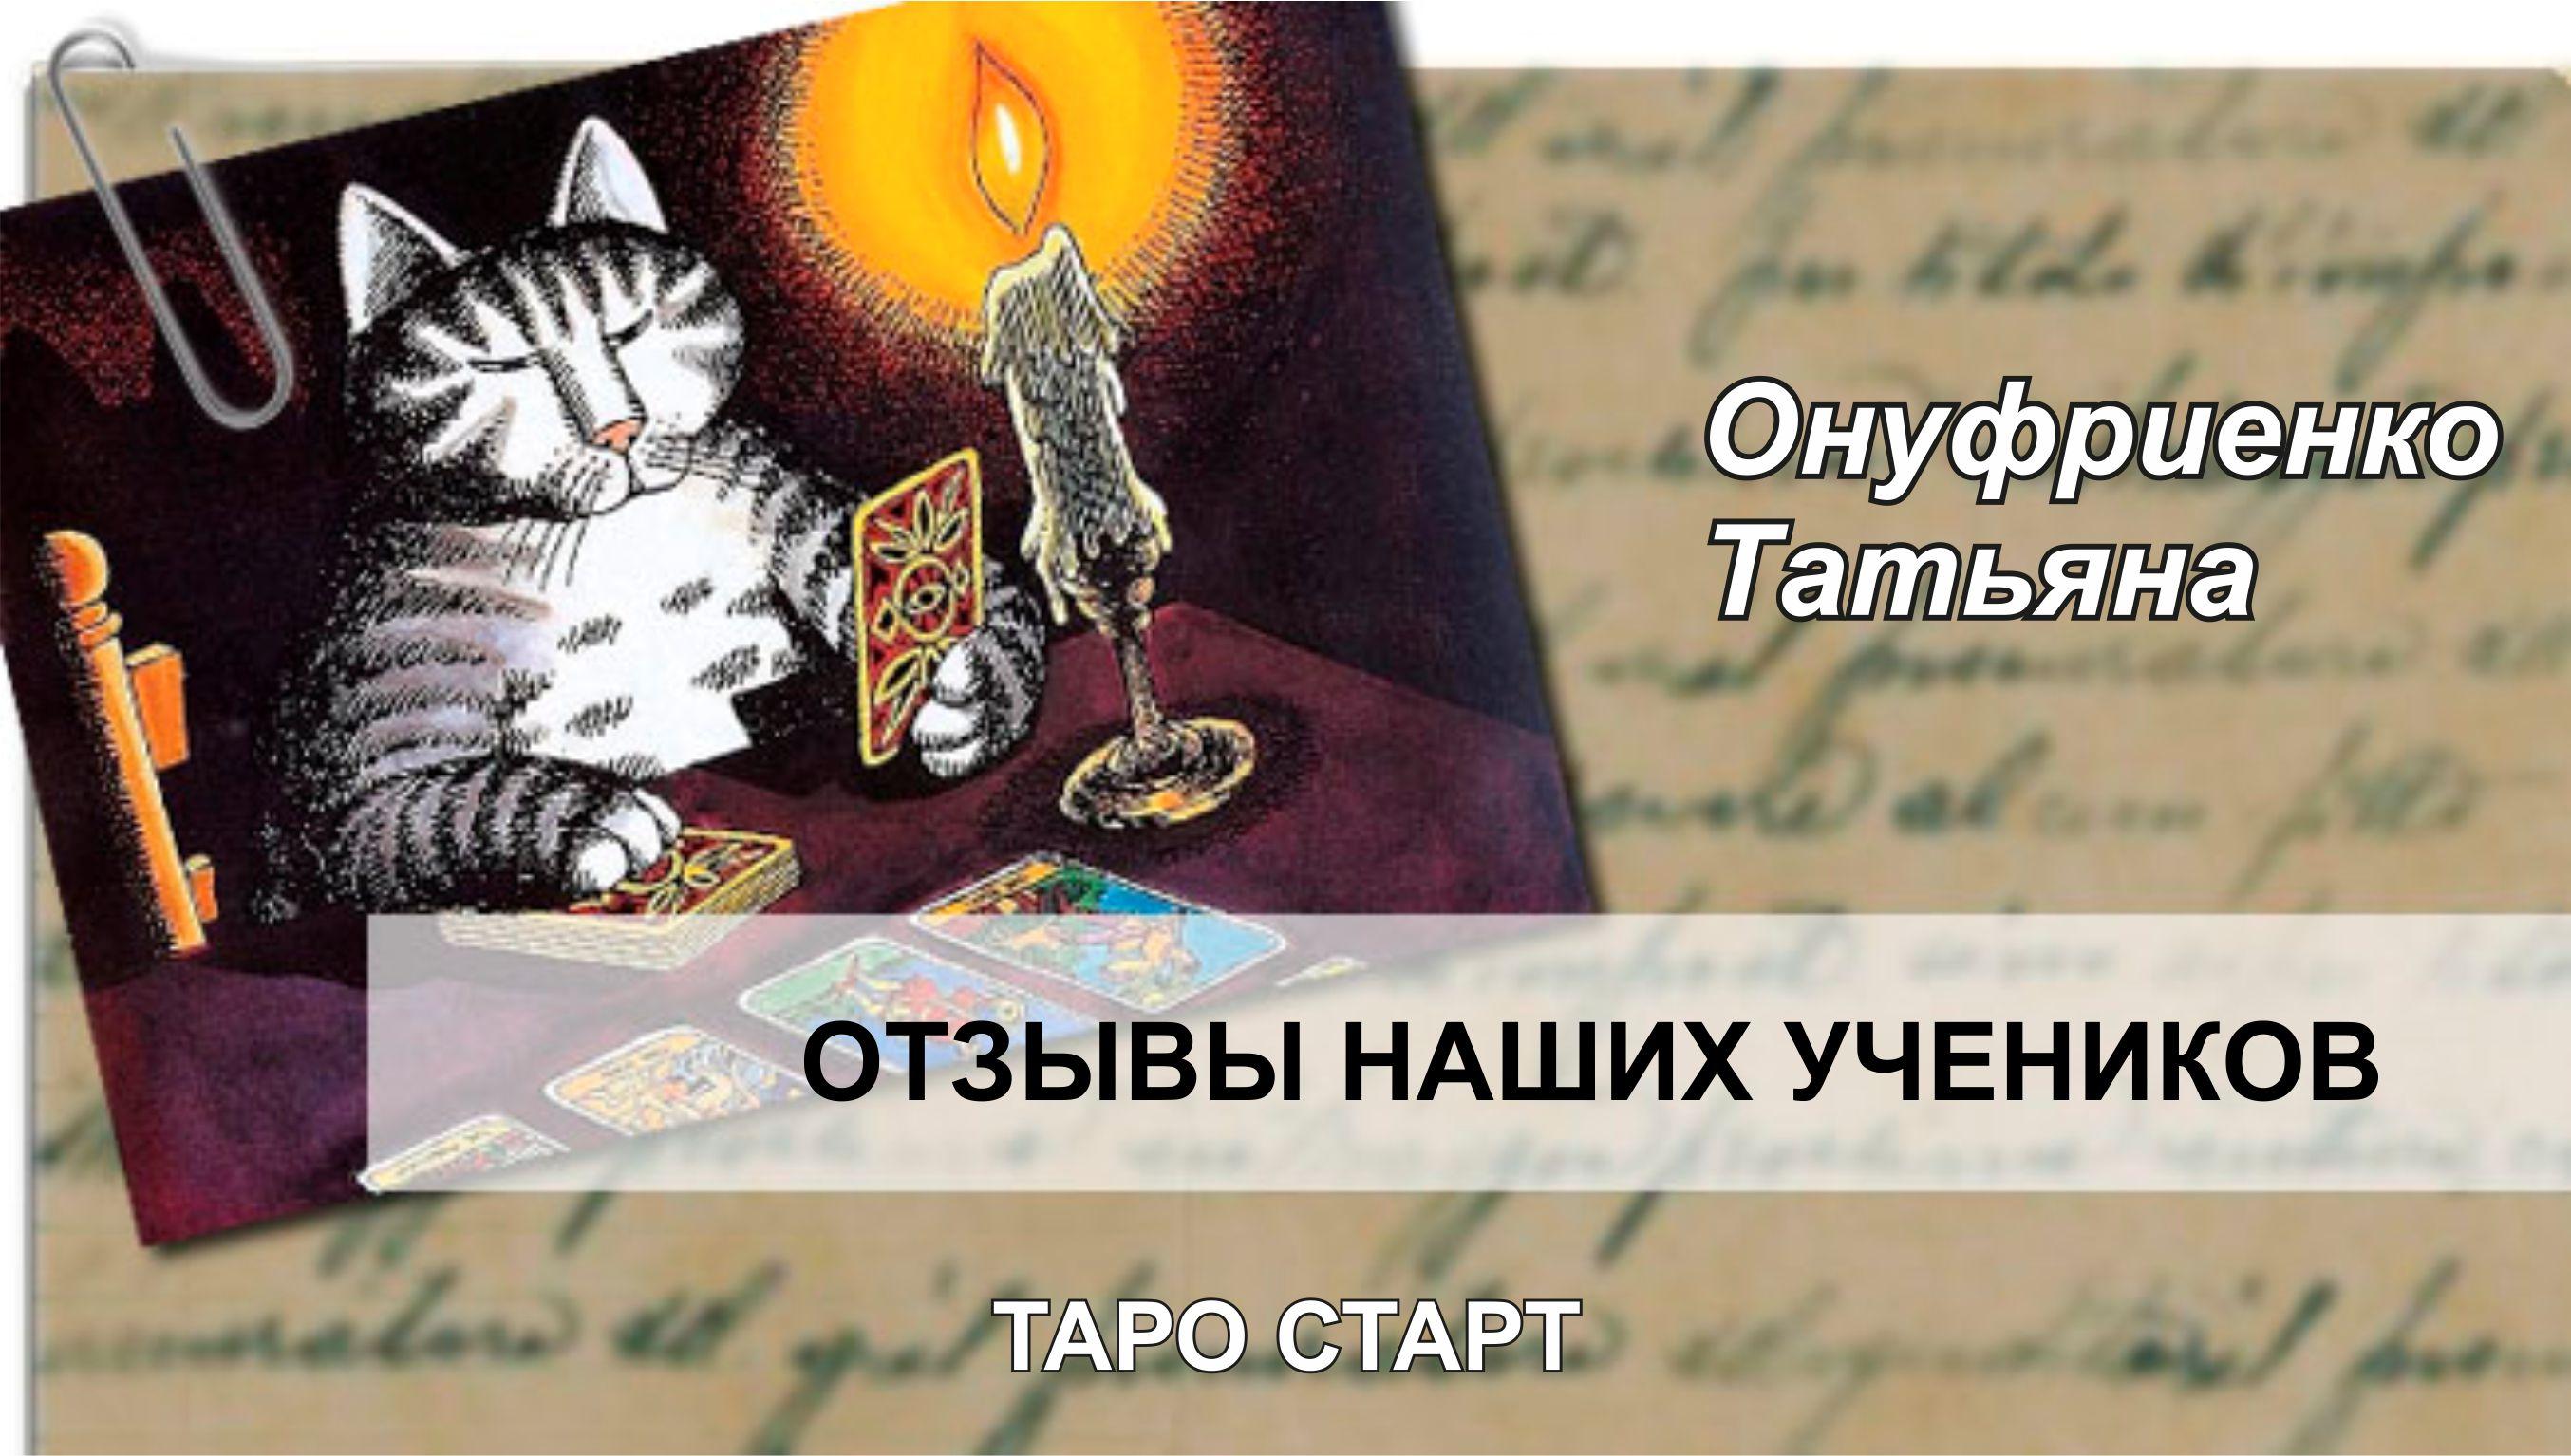 Онуфриенко Татьяна отзыв Таро Старт